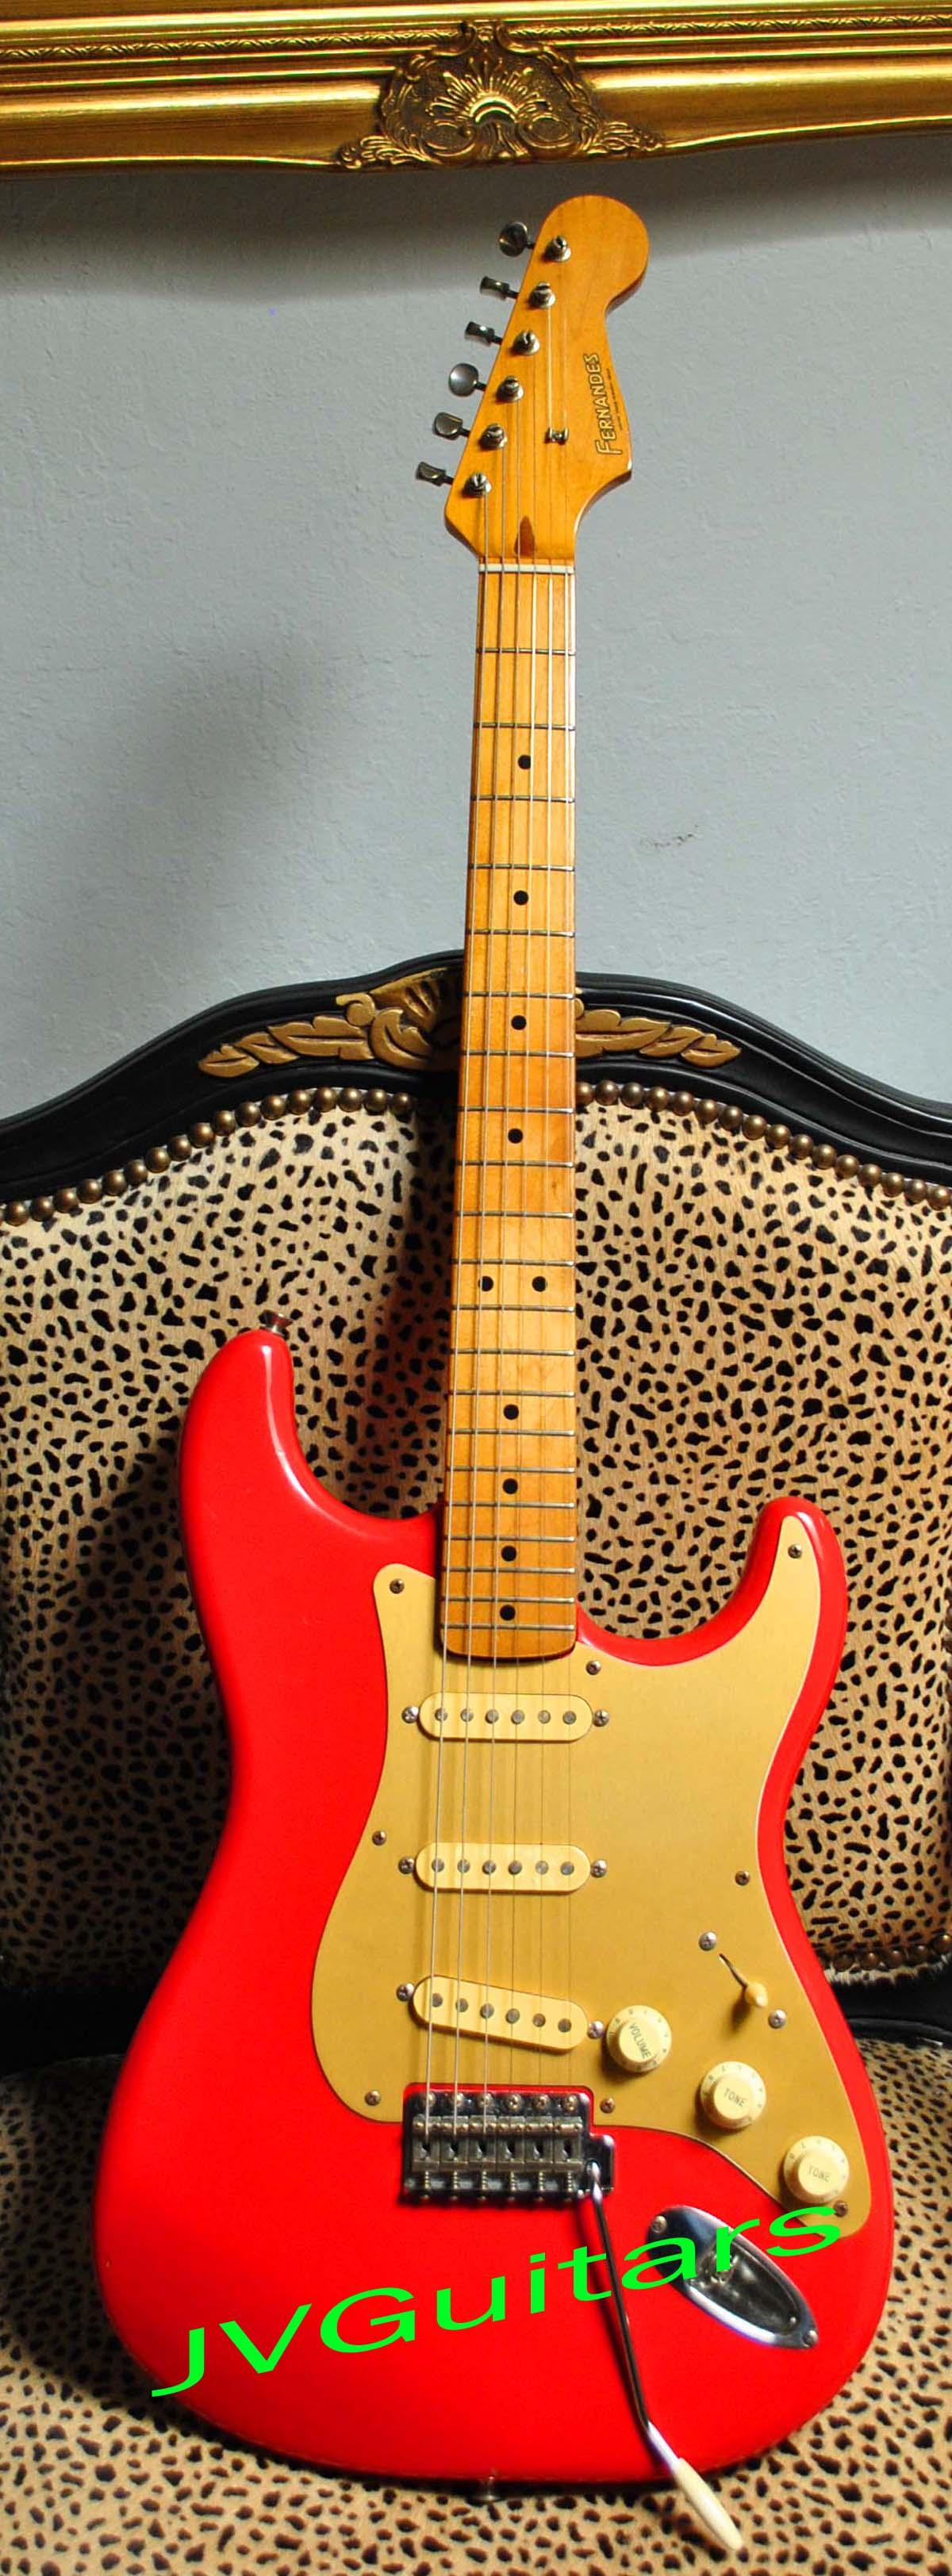 joe s vintage guitars